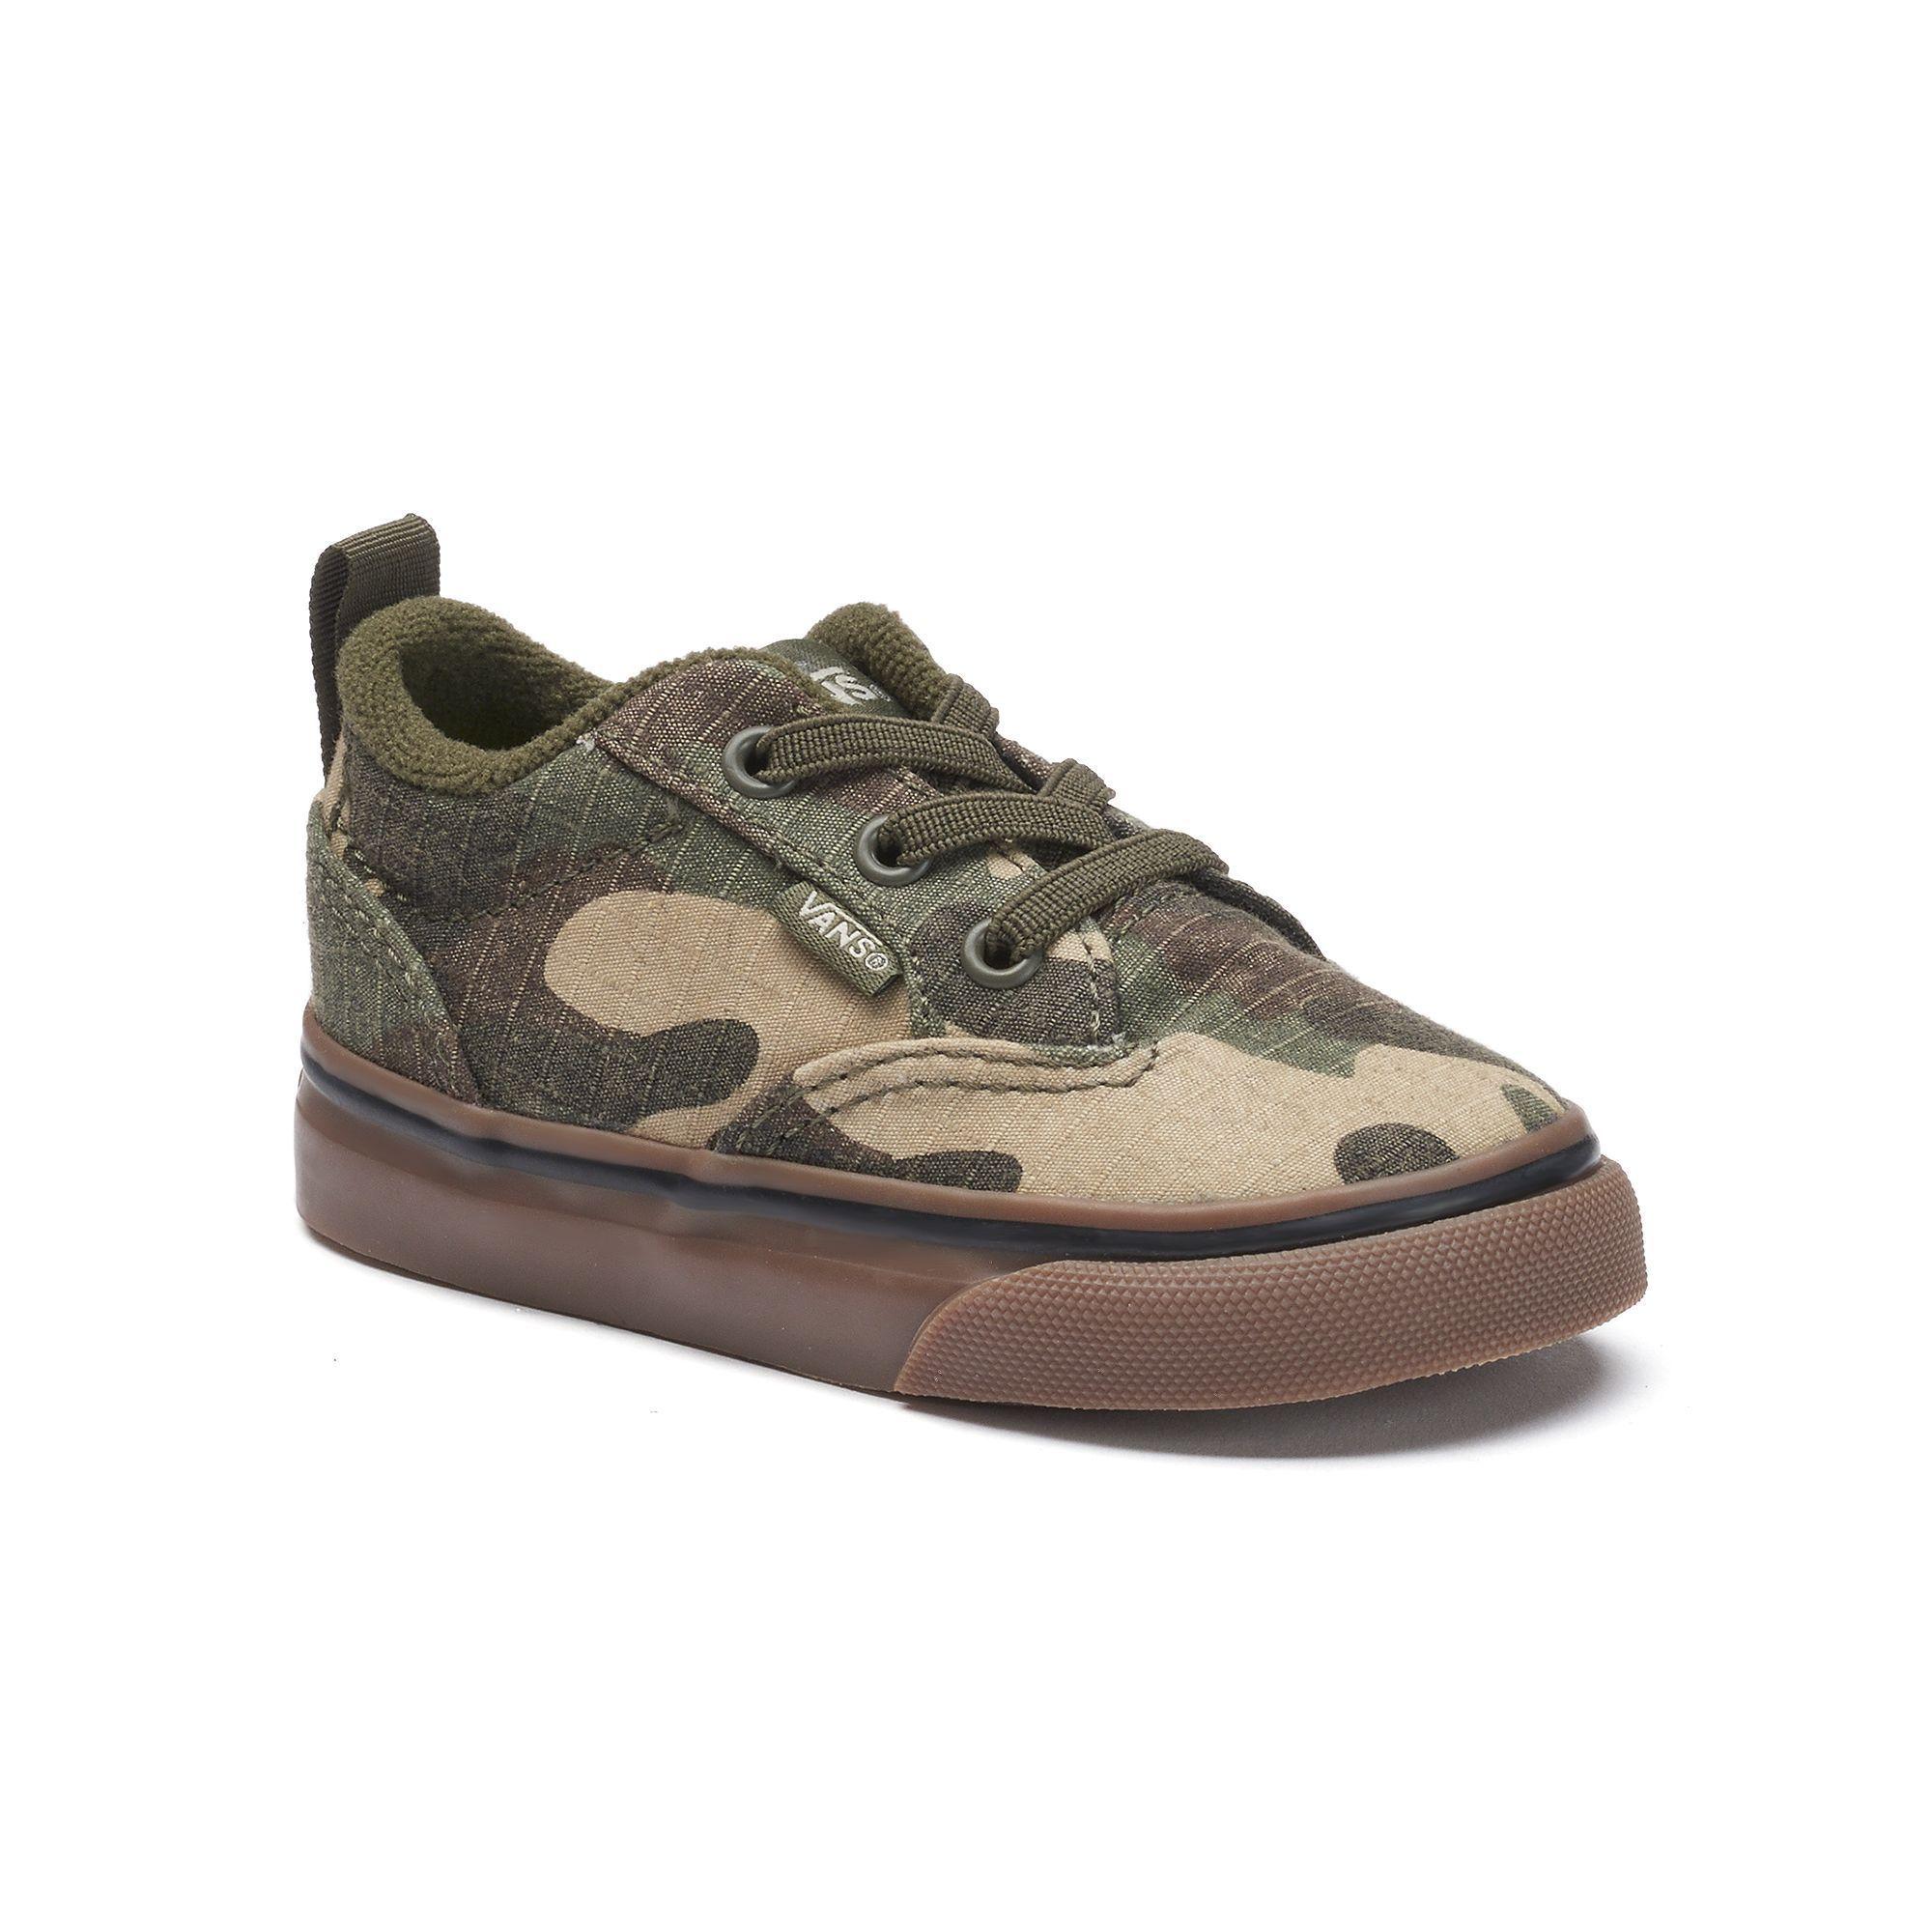 564852f3a3 Vans Winston Rock Toddler Boys  Skate Shoes